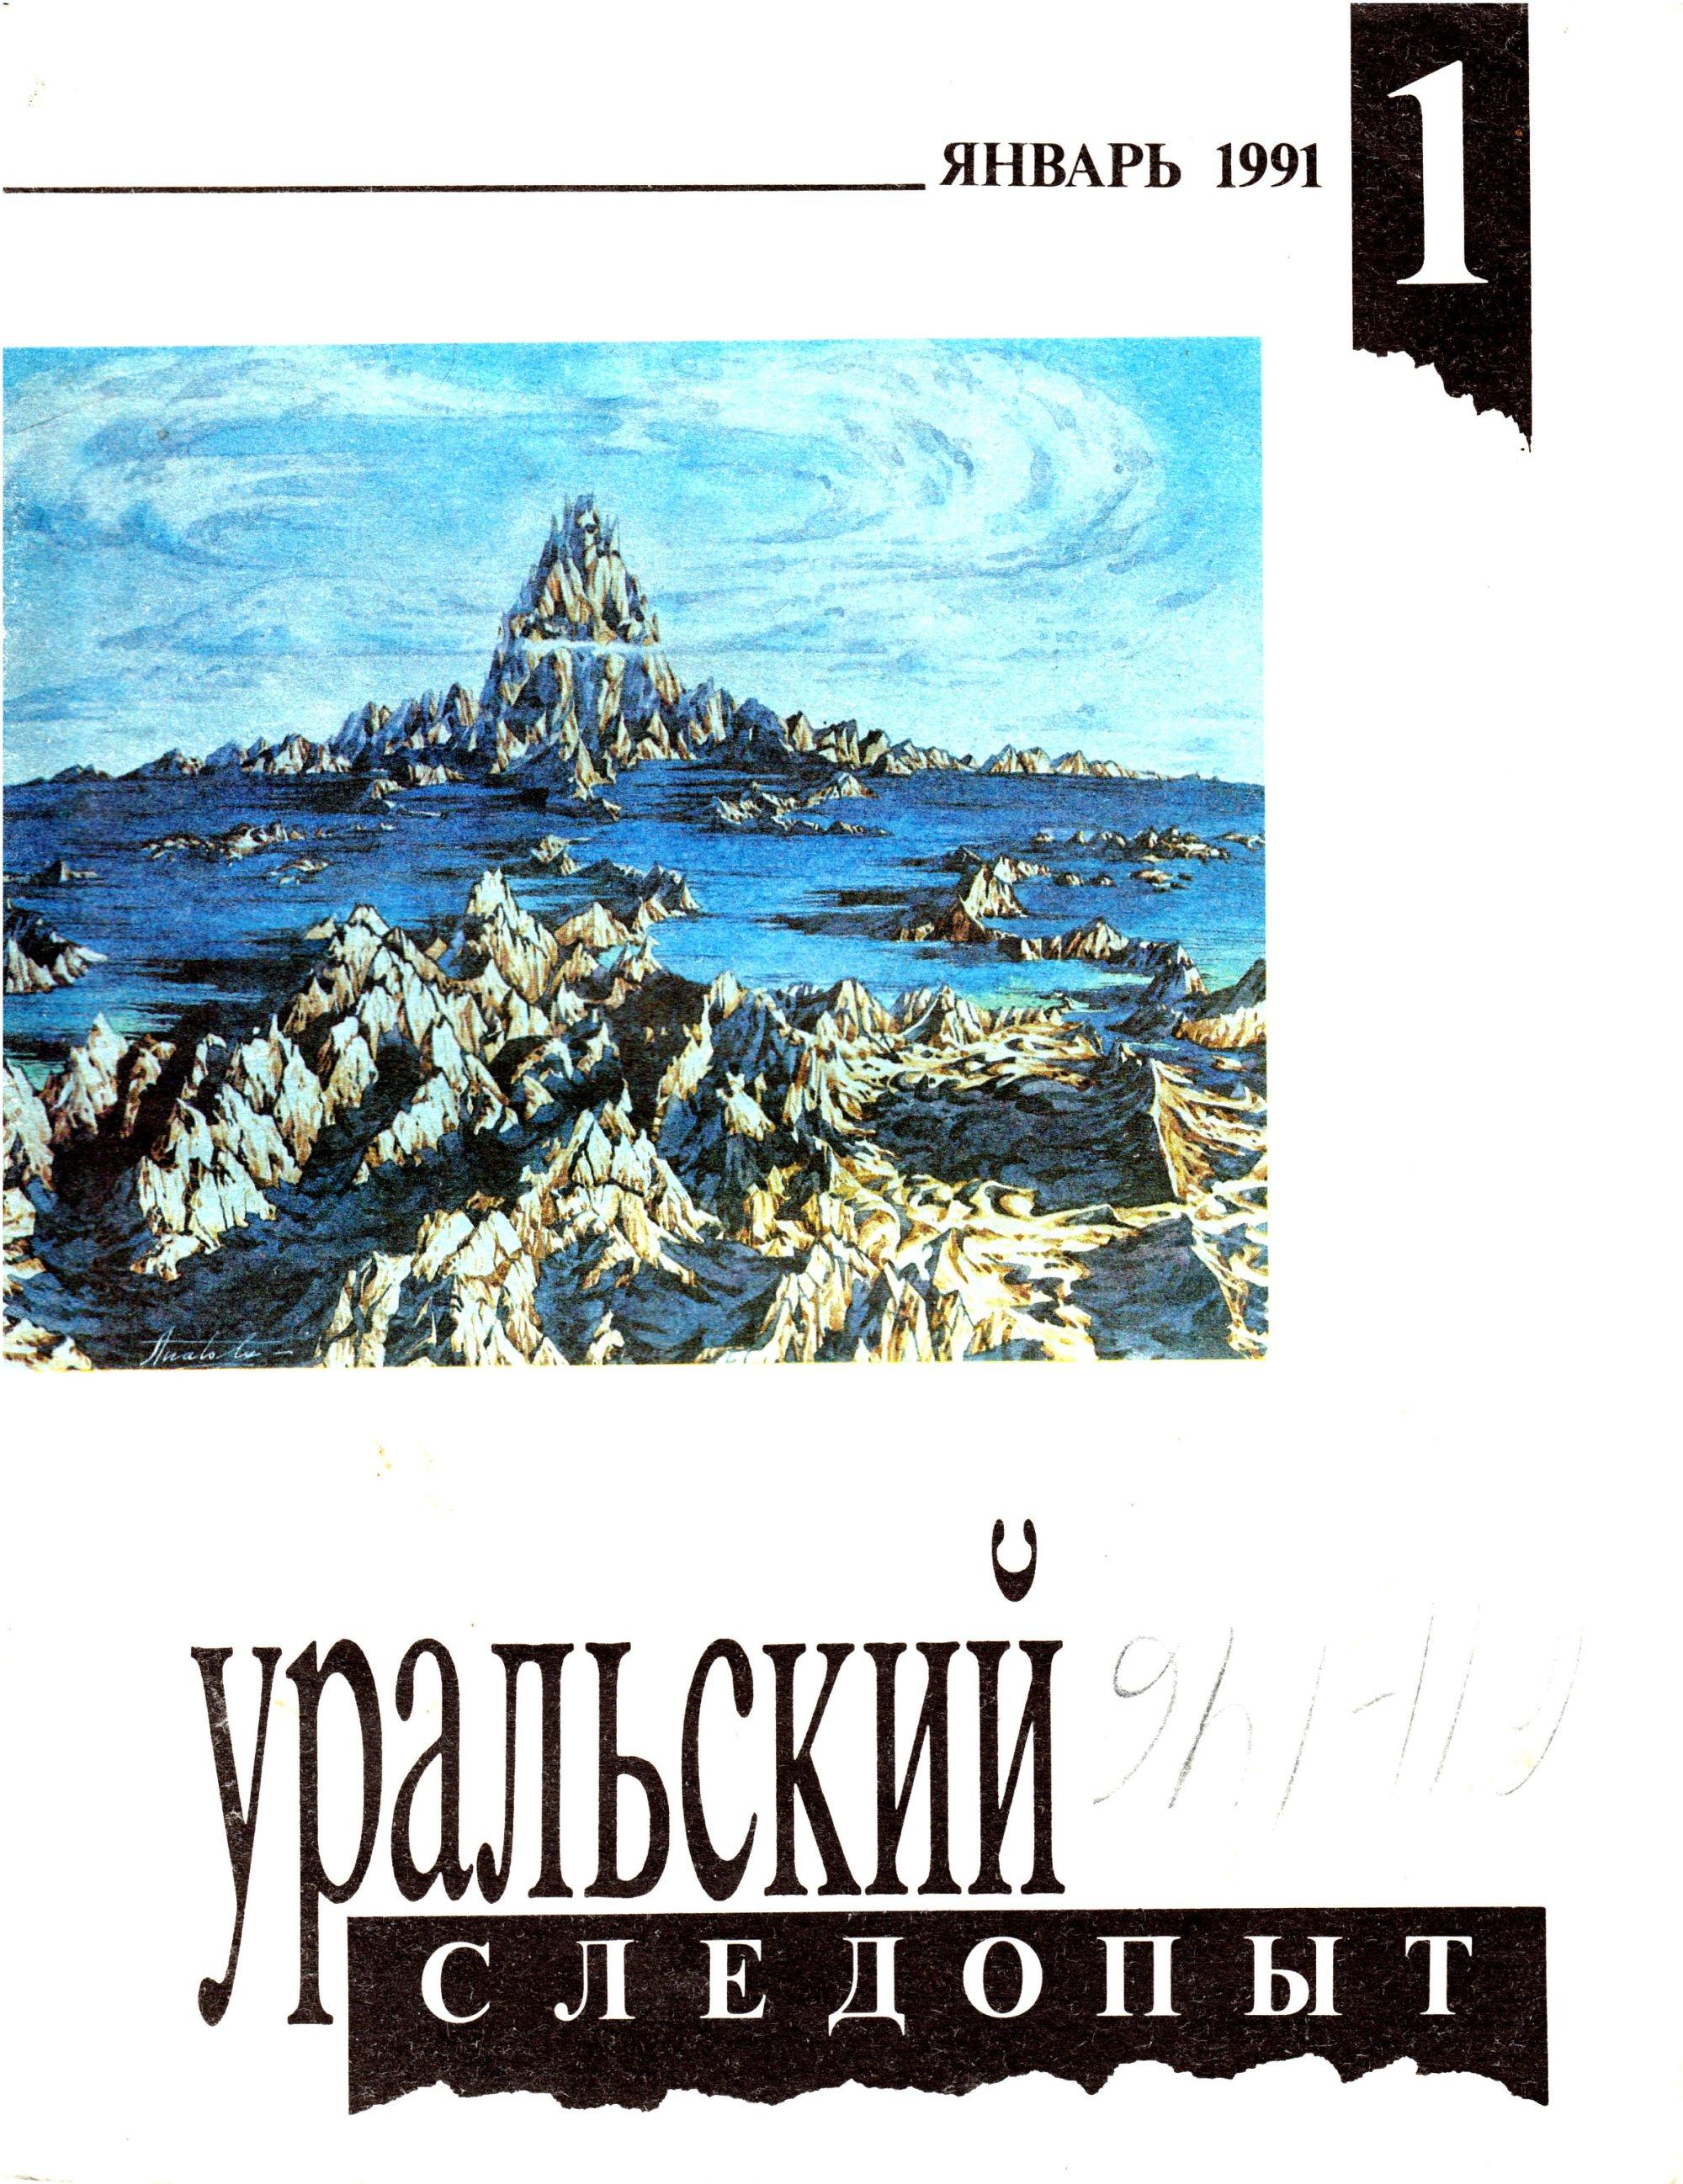 Отсутствует Уральский следопыт №01/1991 отсутствует уральский следопыт 11 1991